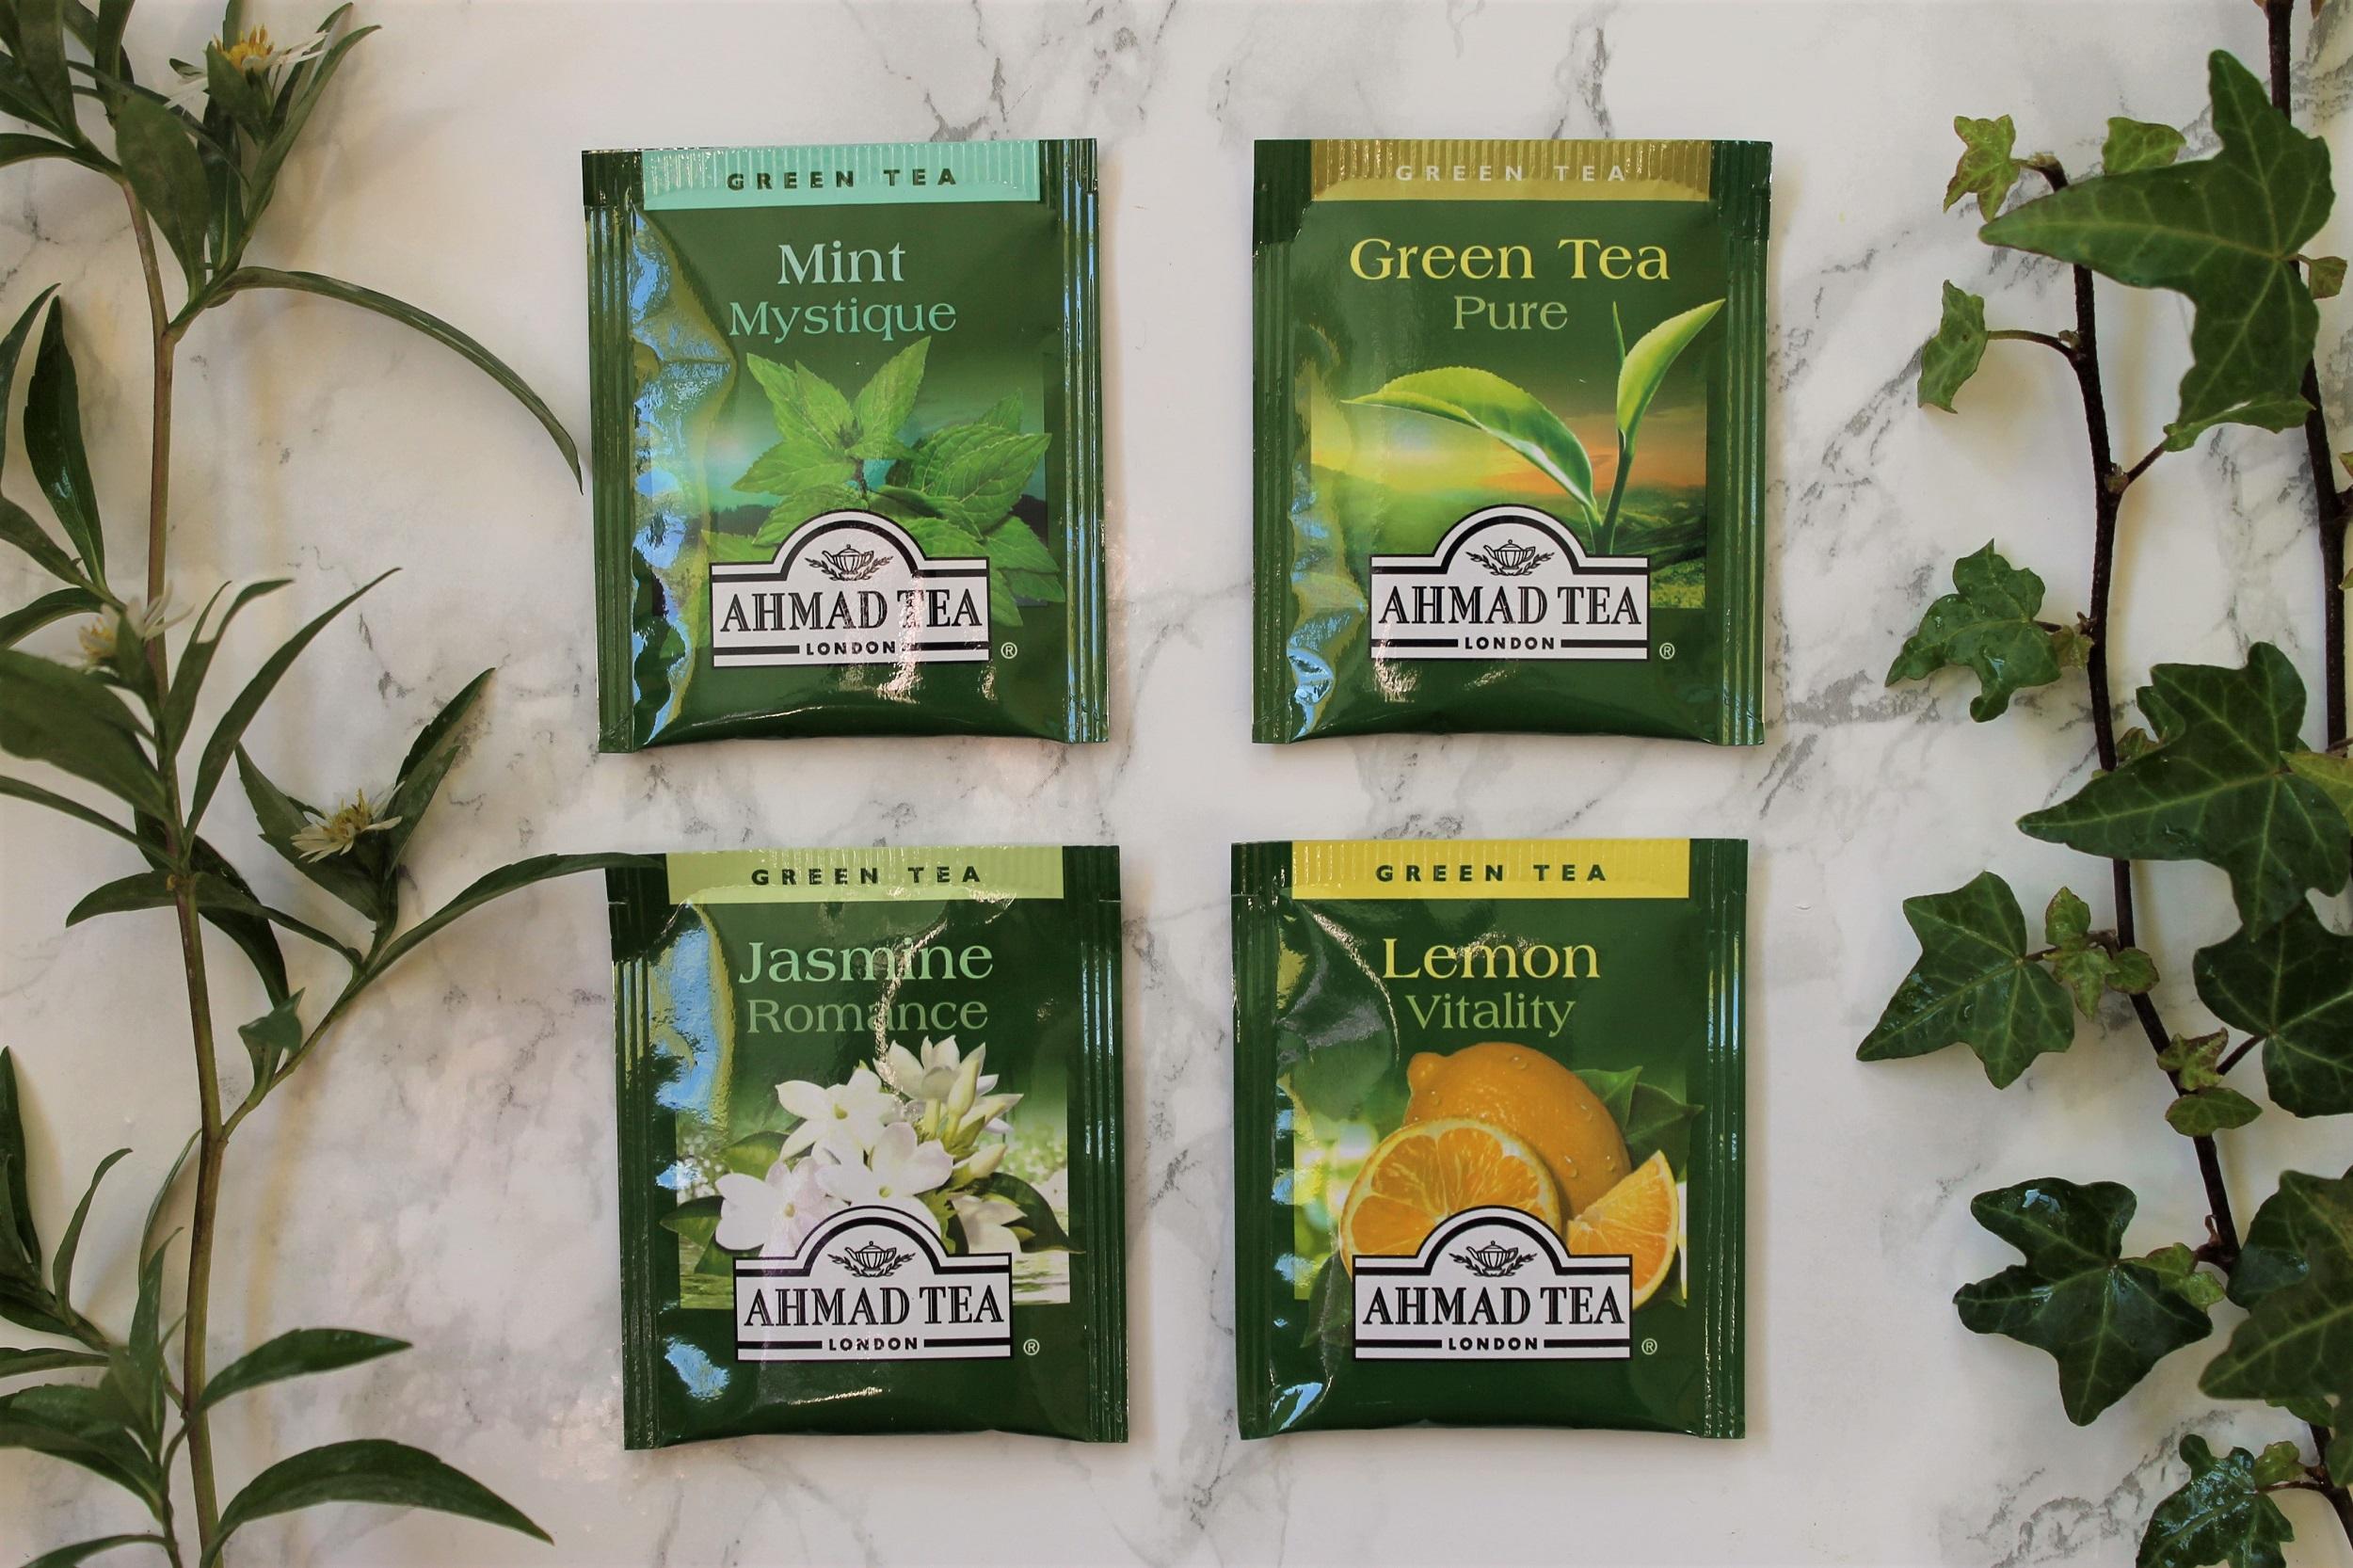 ahmad green tea bags